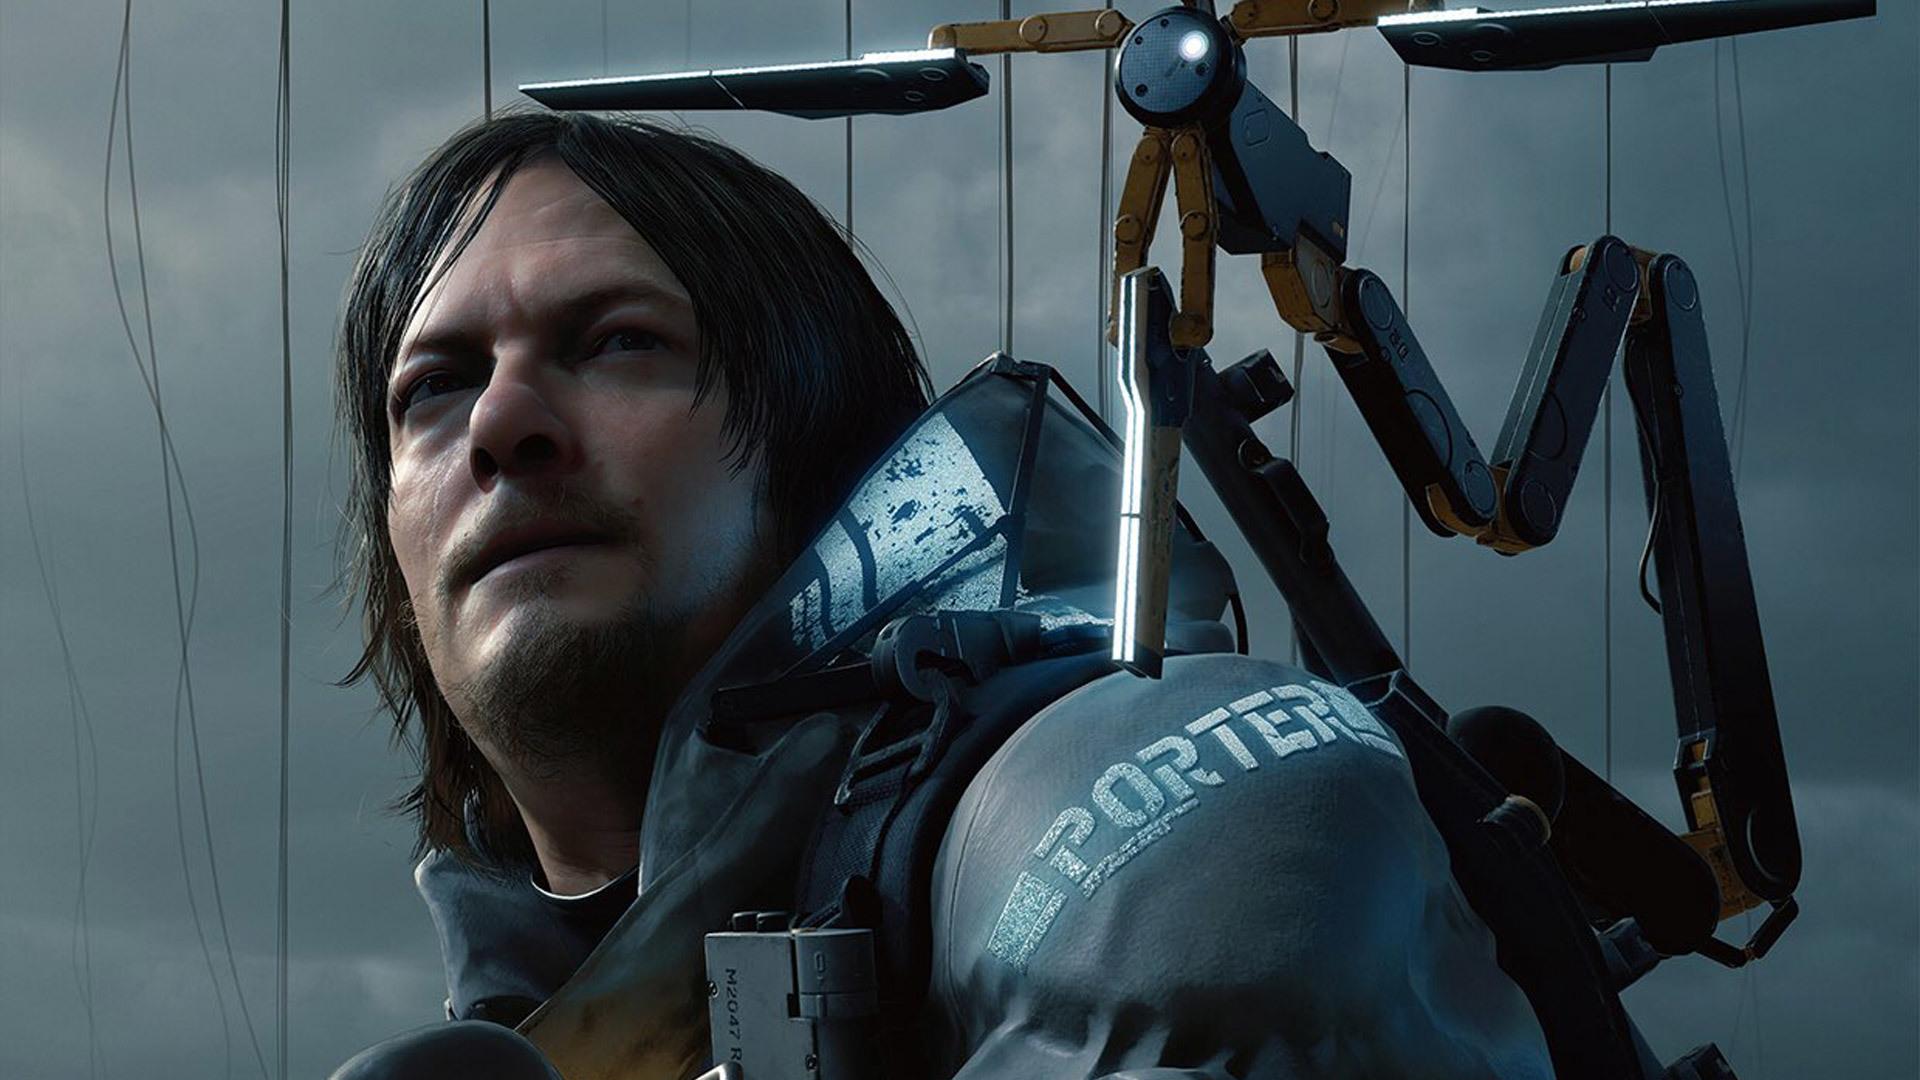 L'atteso trailer inedito di Death Stranding da Gamescom si svela in un video off-screen